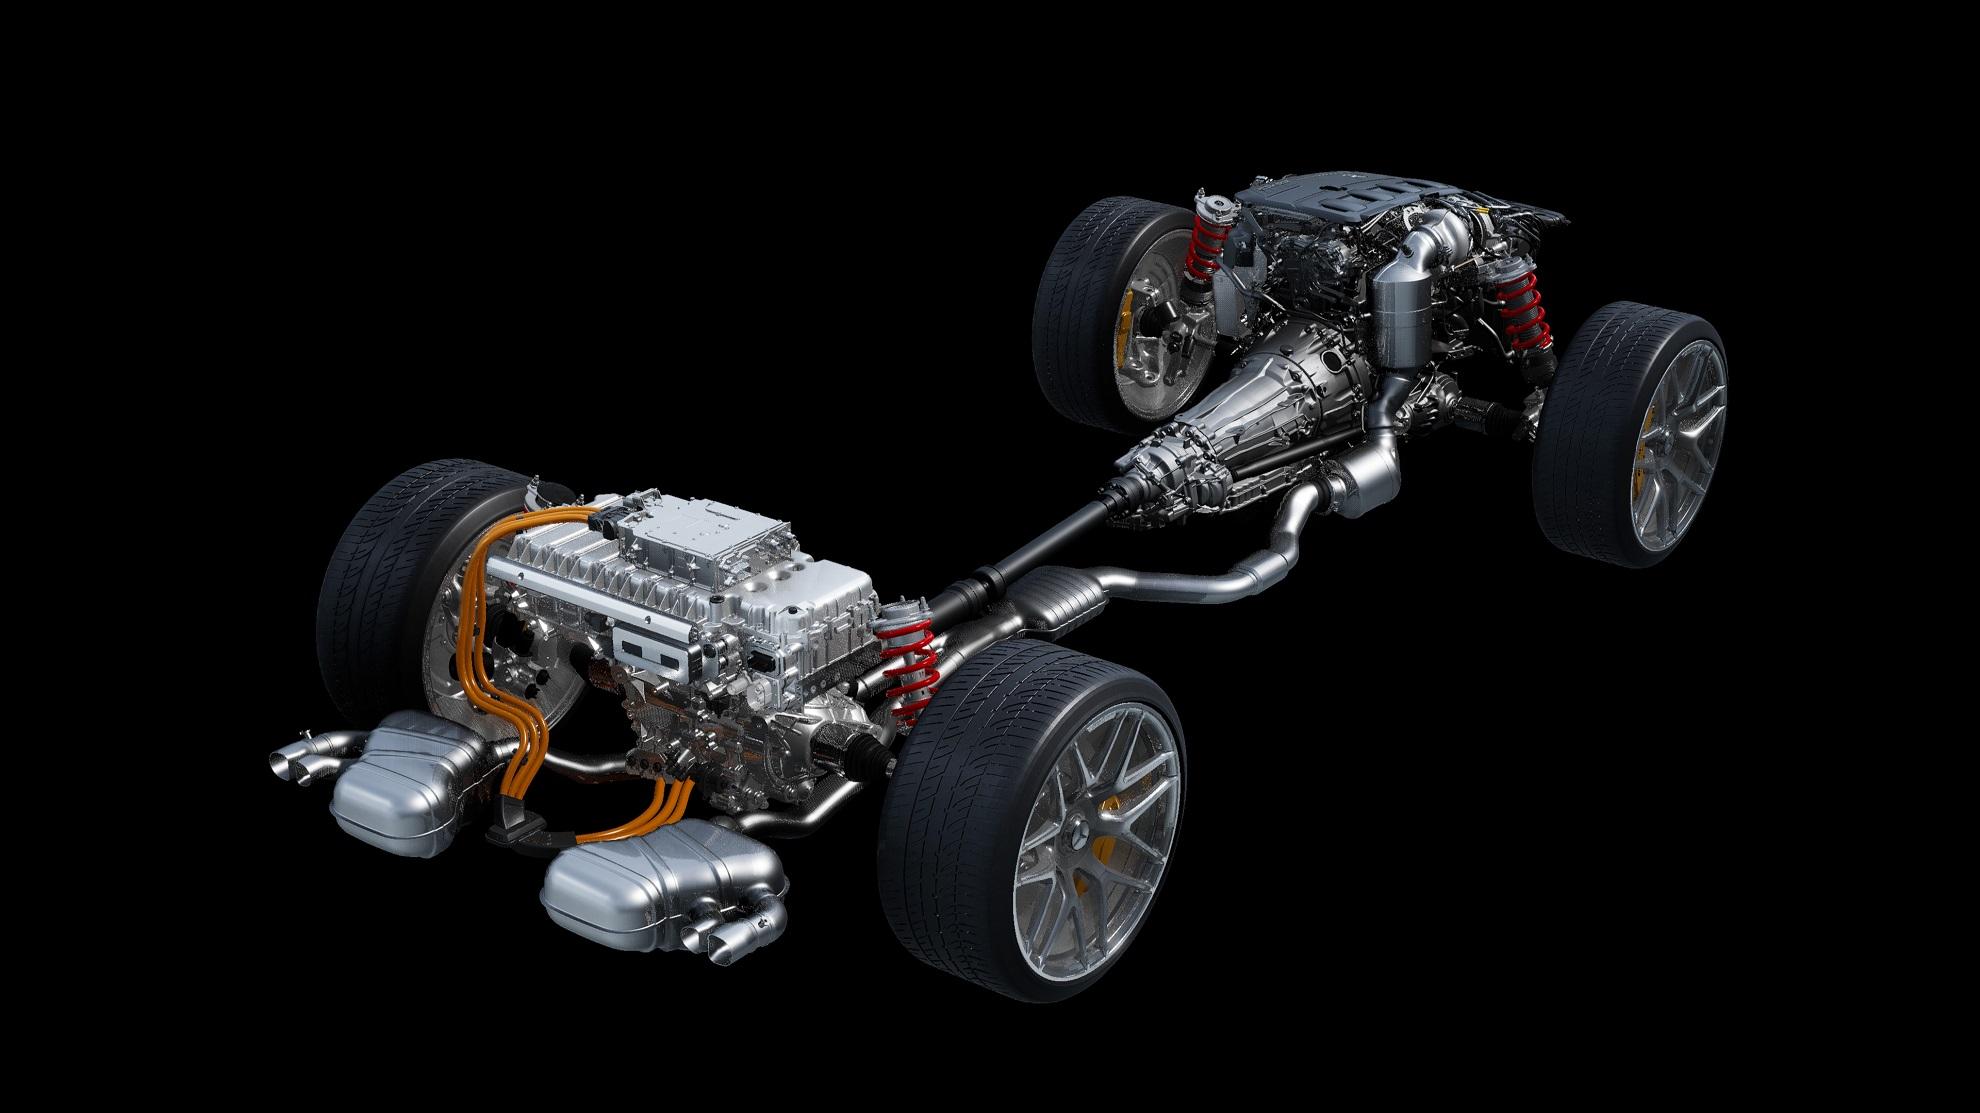 TecDAY AMG Future of Driving Performance Eigenständige E PERFORMANCE Antriebsstrategie für Performance-Hybride; Antriebsstrang 4-Zylinder (M139) // TecDAY AMG Future of Driving Performance Independent E PERFORMANCE drivetrain strategy for performance hybrids; Drivetrain 4-cylinder (M139)